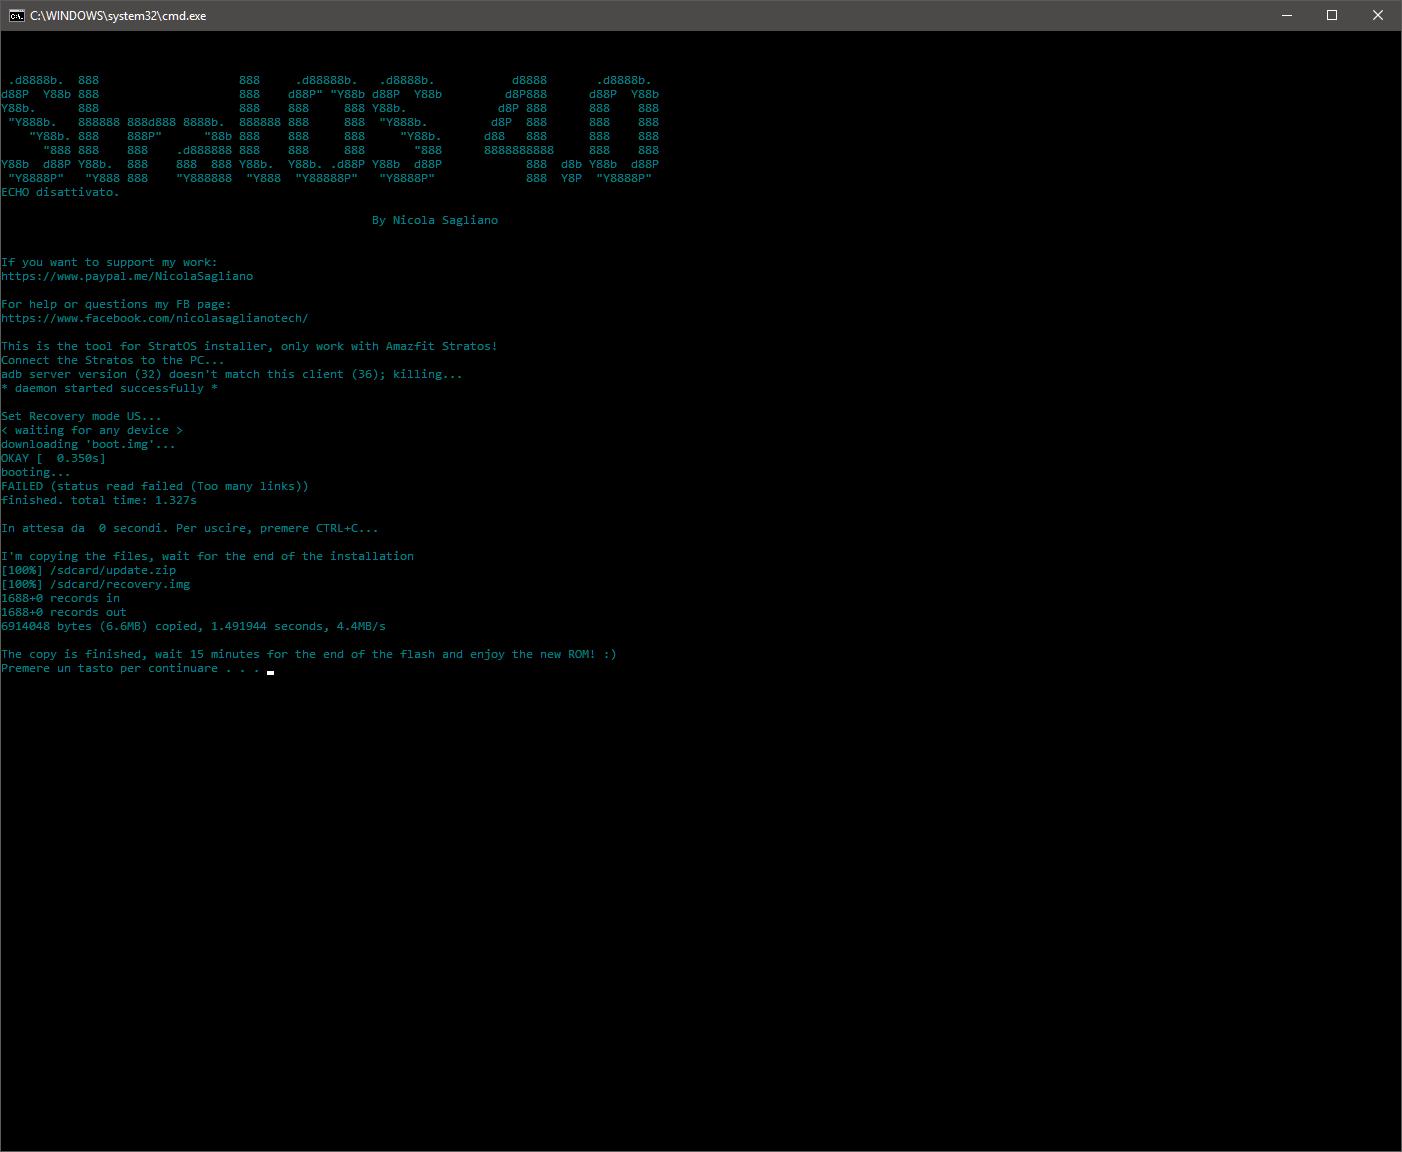 StratOS 4 0 | Nicola Sagliano